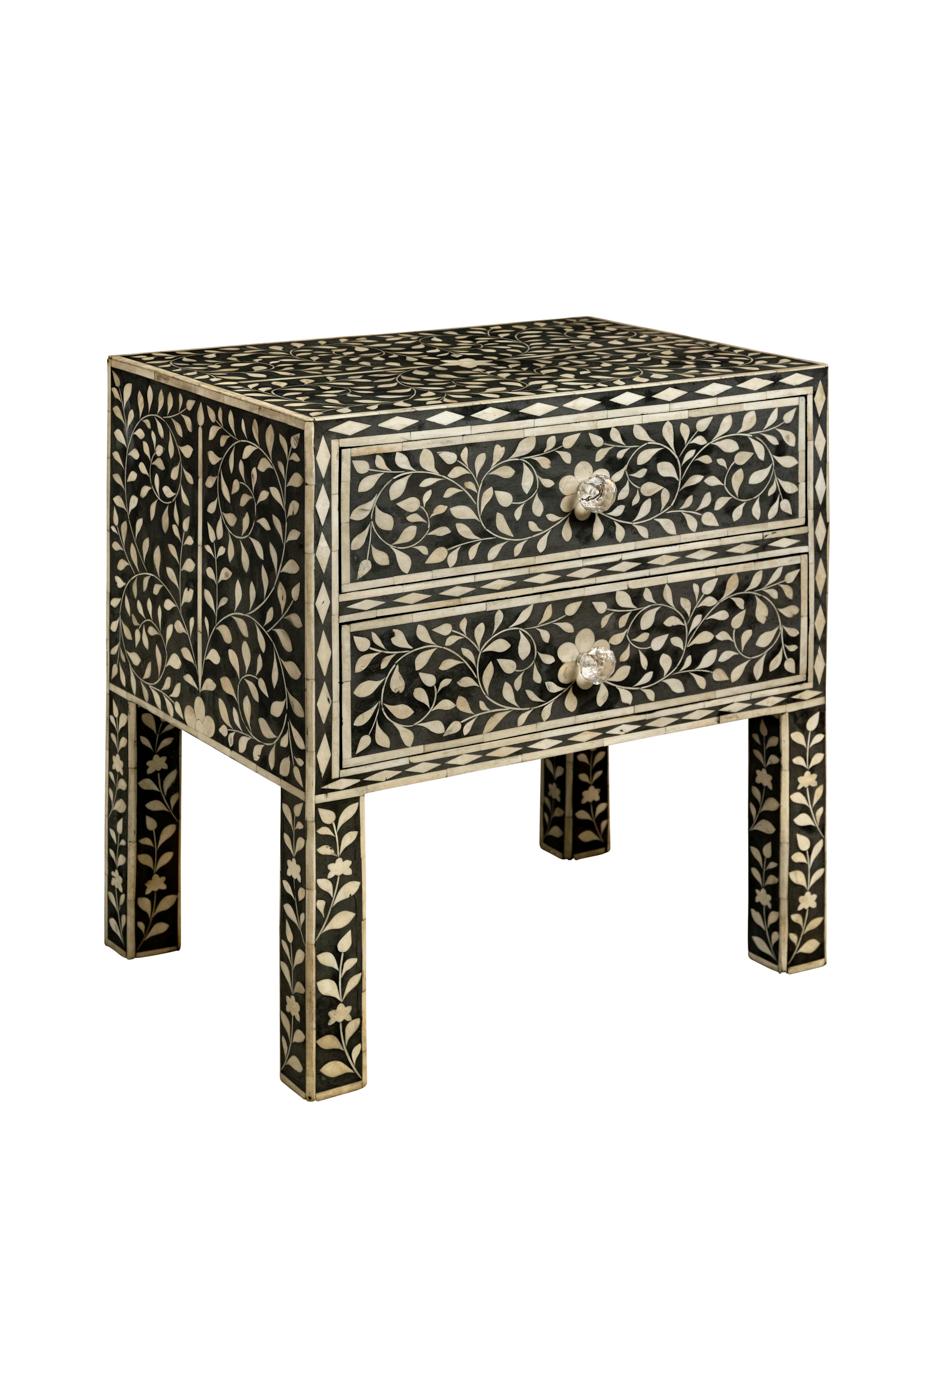 Mesa de noche diseño de arabesco en madera con incrustaciones de hueso